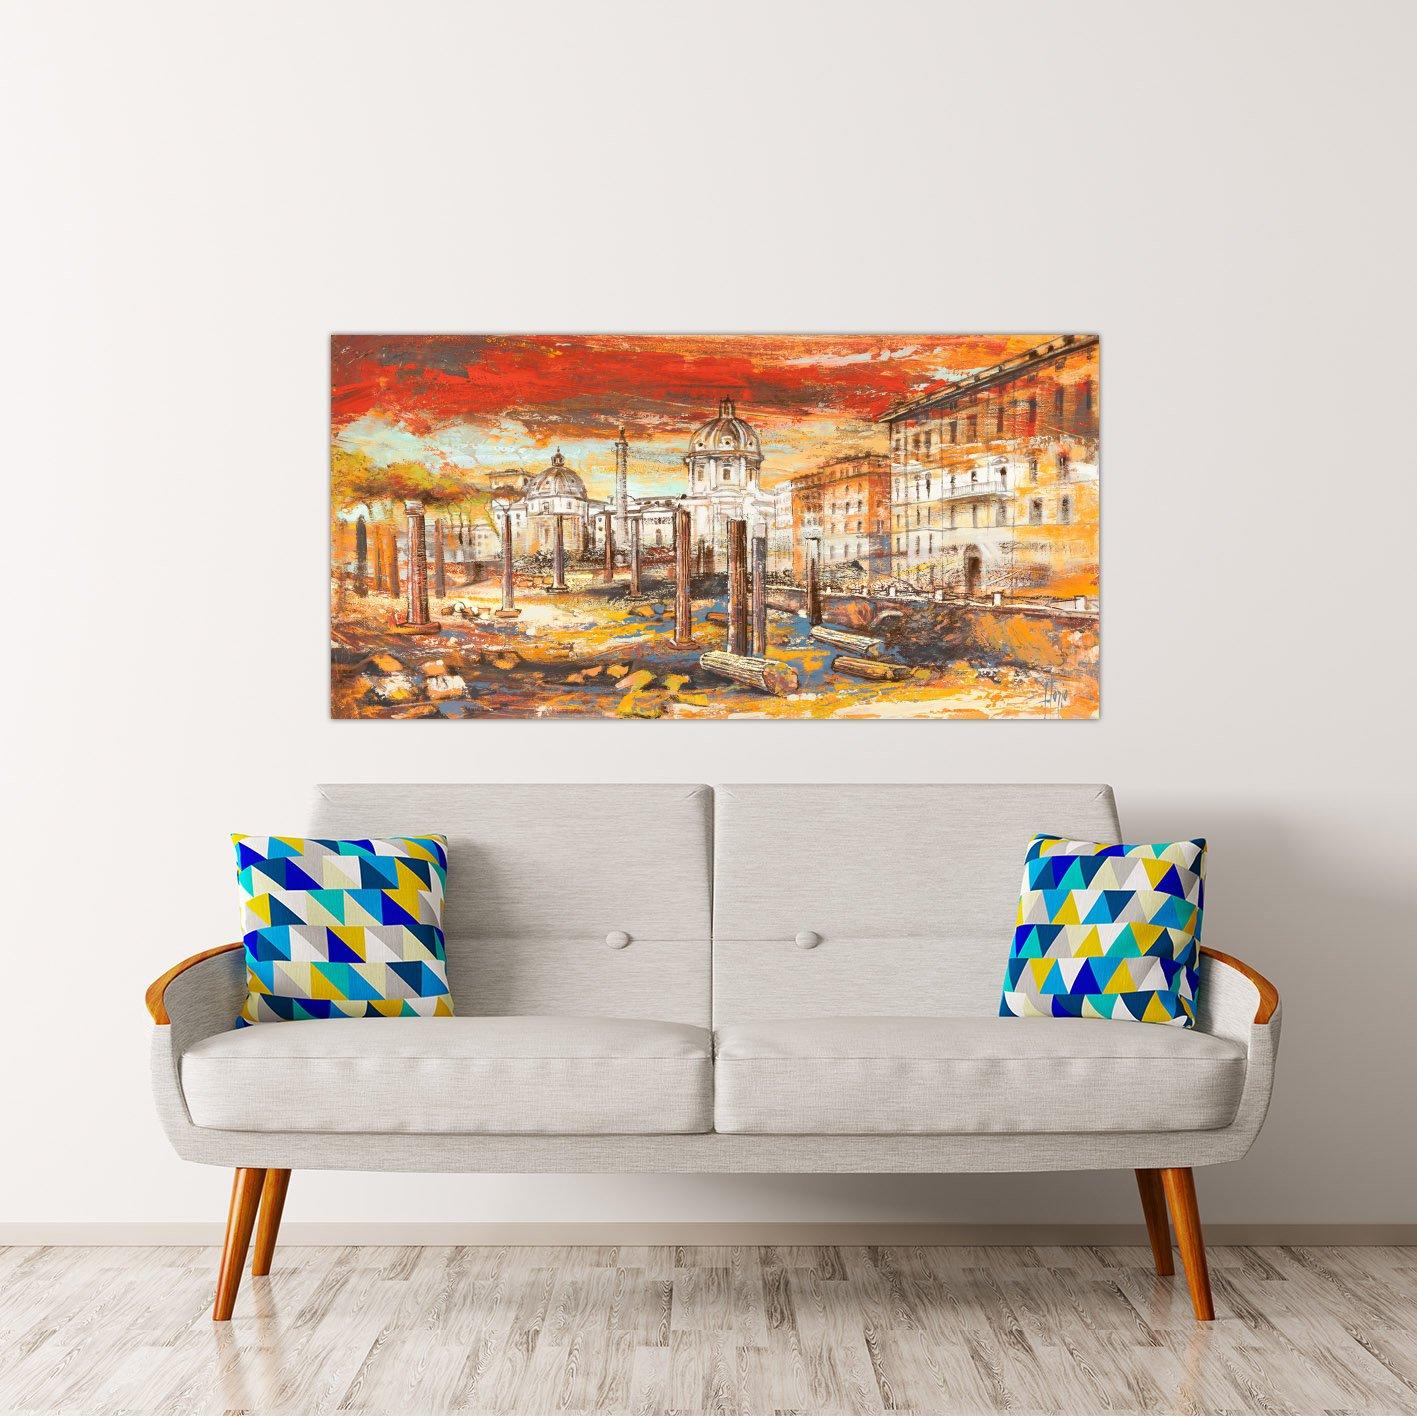 Rahmen Druck auf Leinwand mit Rahmen in in in Holz Luigi Florio Sonnenuntergang auf Rom 160x80 CM B07BNN7624 | Internationale Wahl  3fc7c2